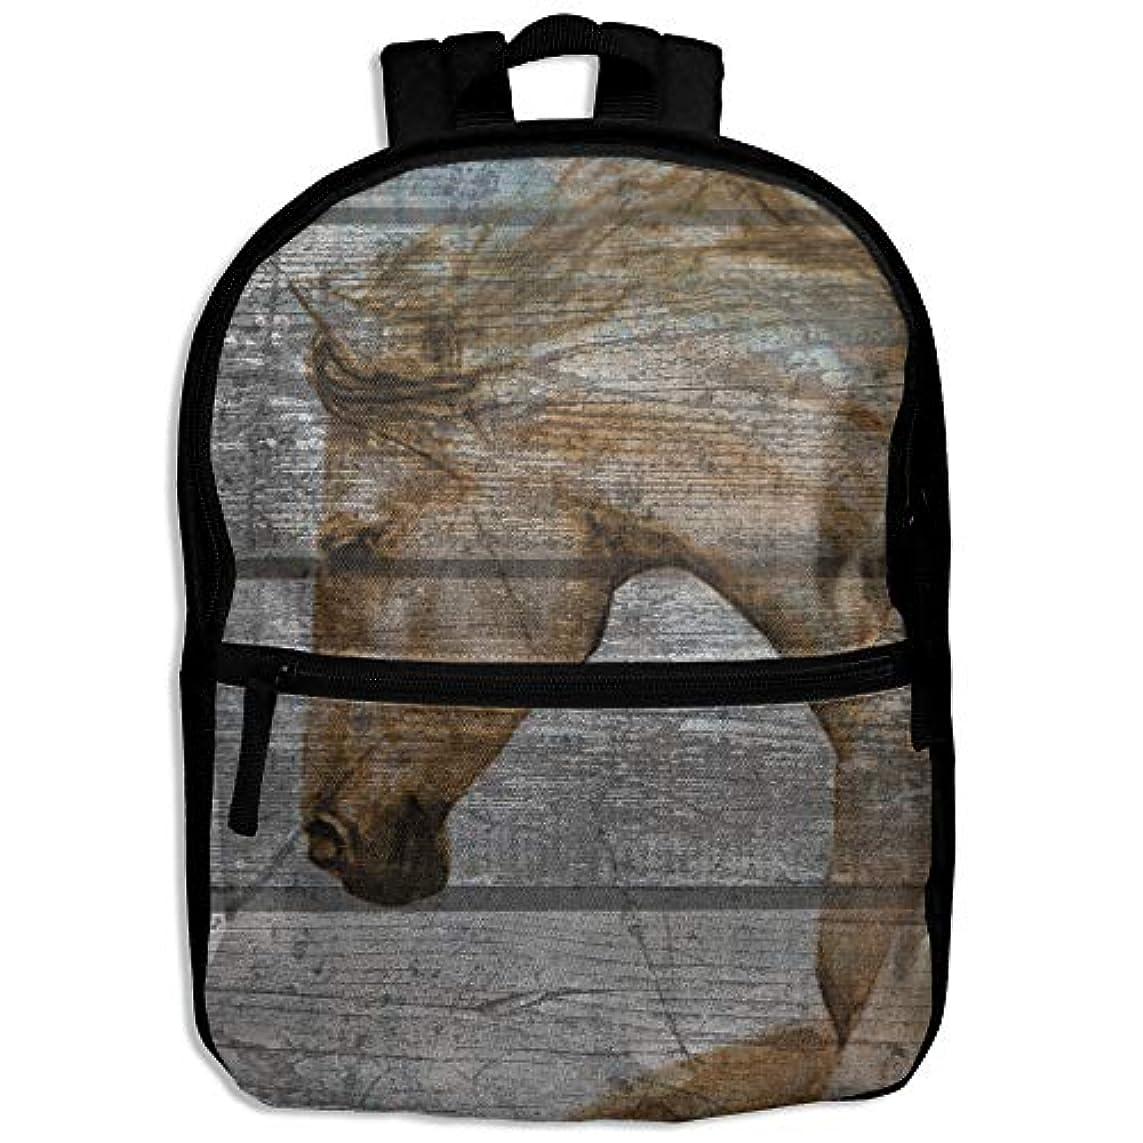 耐える静かに手荷物キッズバッグ キッズ リュックサック バックパック 子供用のバッグ 学生 リュックサック 火 馬 アウトドア 通学 ハイキング 遠足